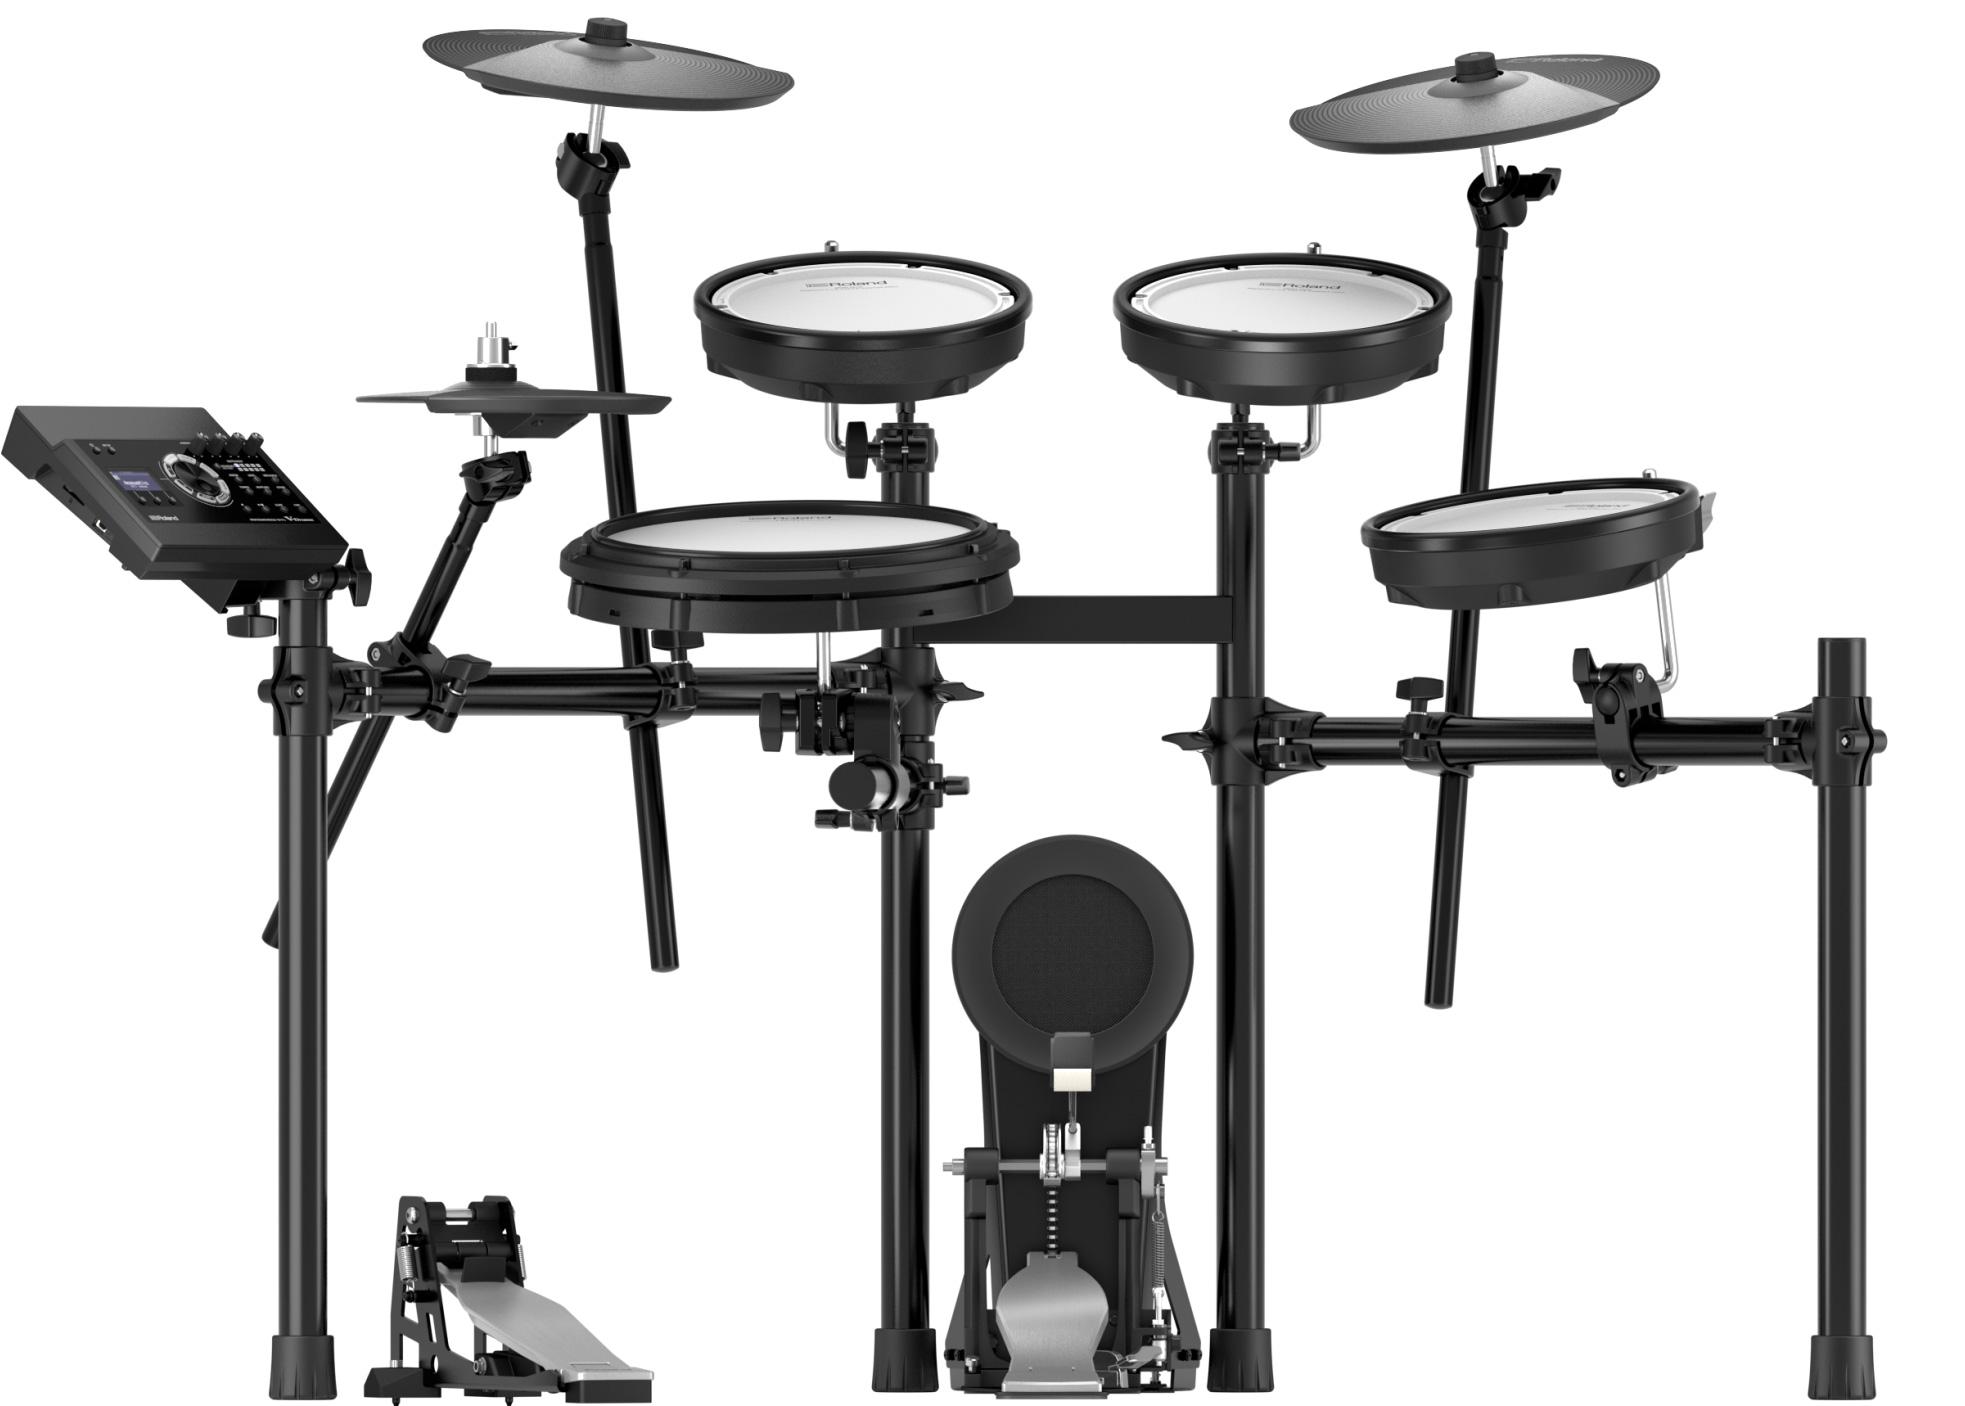 Roland Td 17 Series V Drums